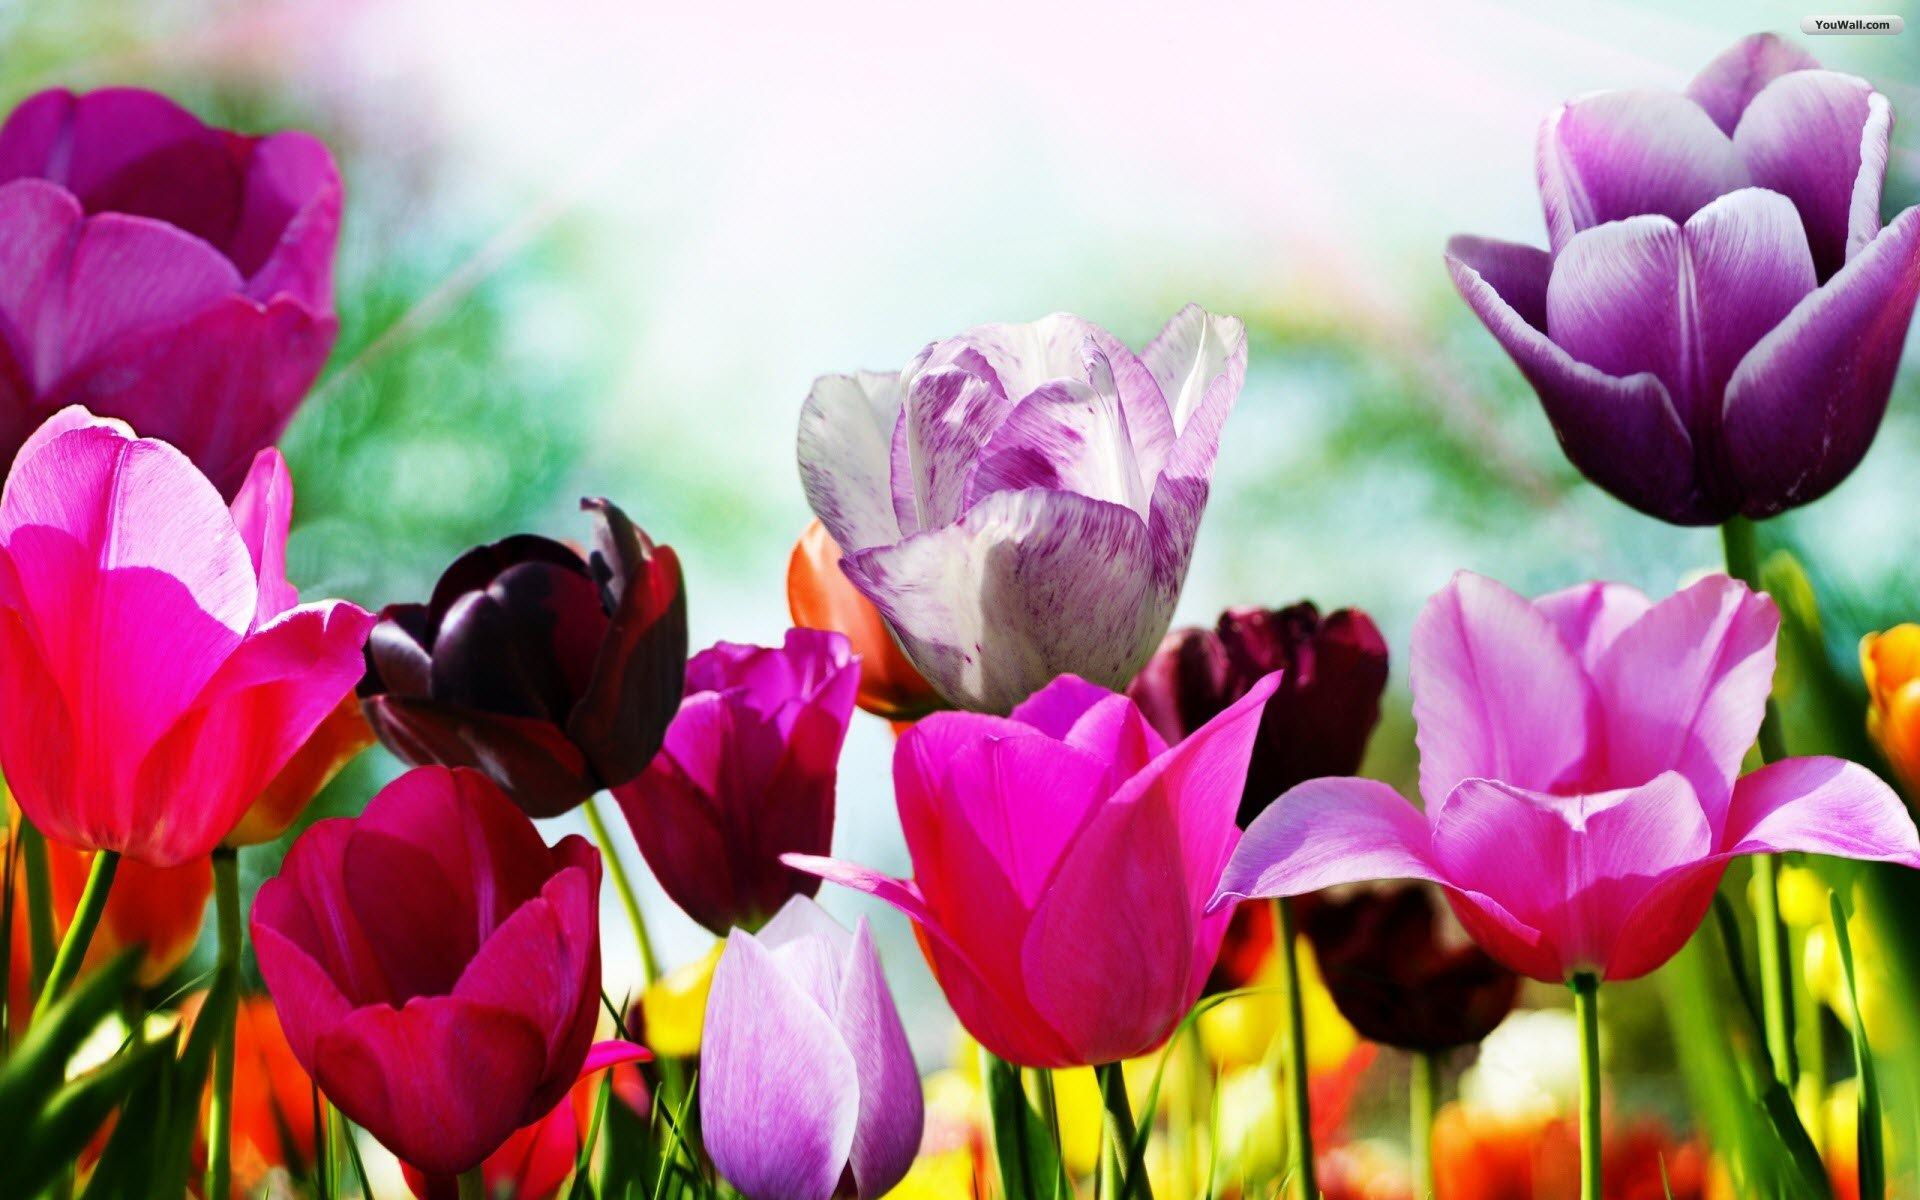 Spring Desktop Backgrounds spring wallpaper desktop 1920x1200